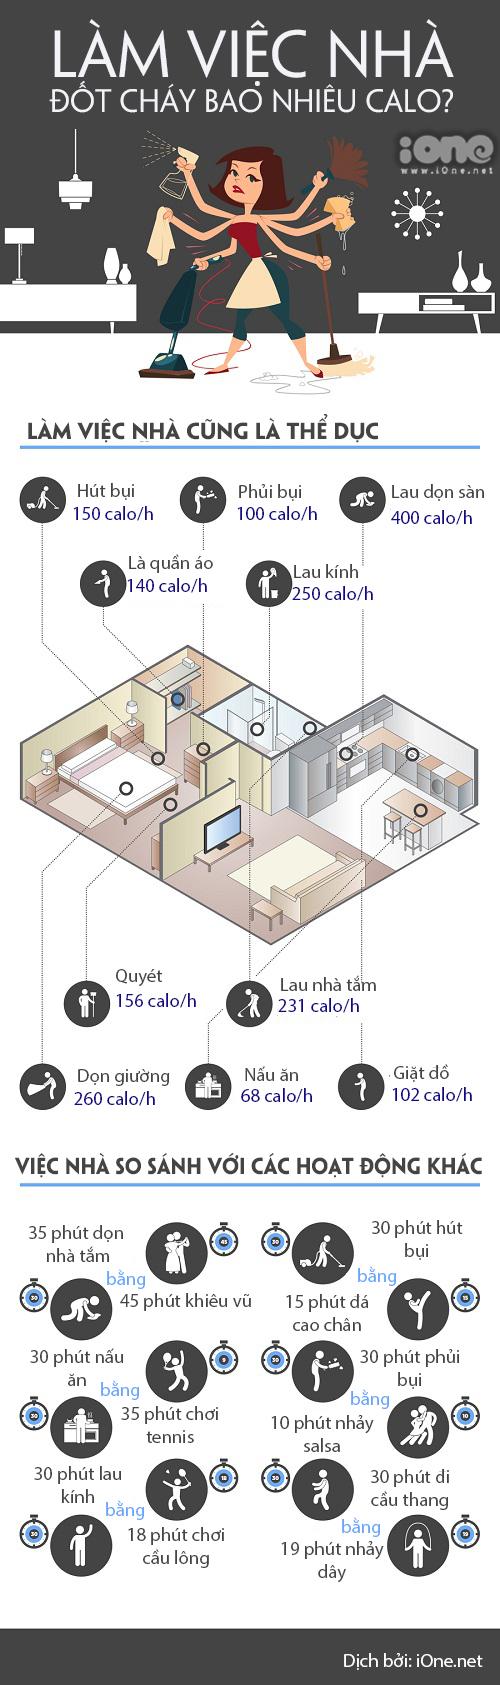 housework900-8949-1402466091.jpg